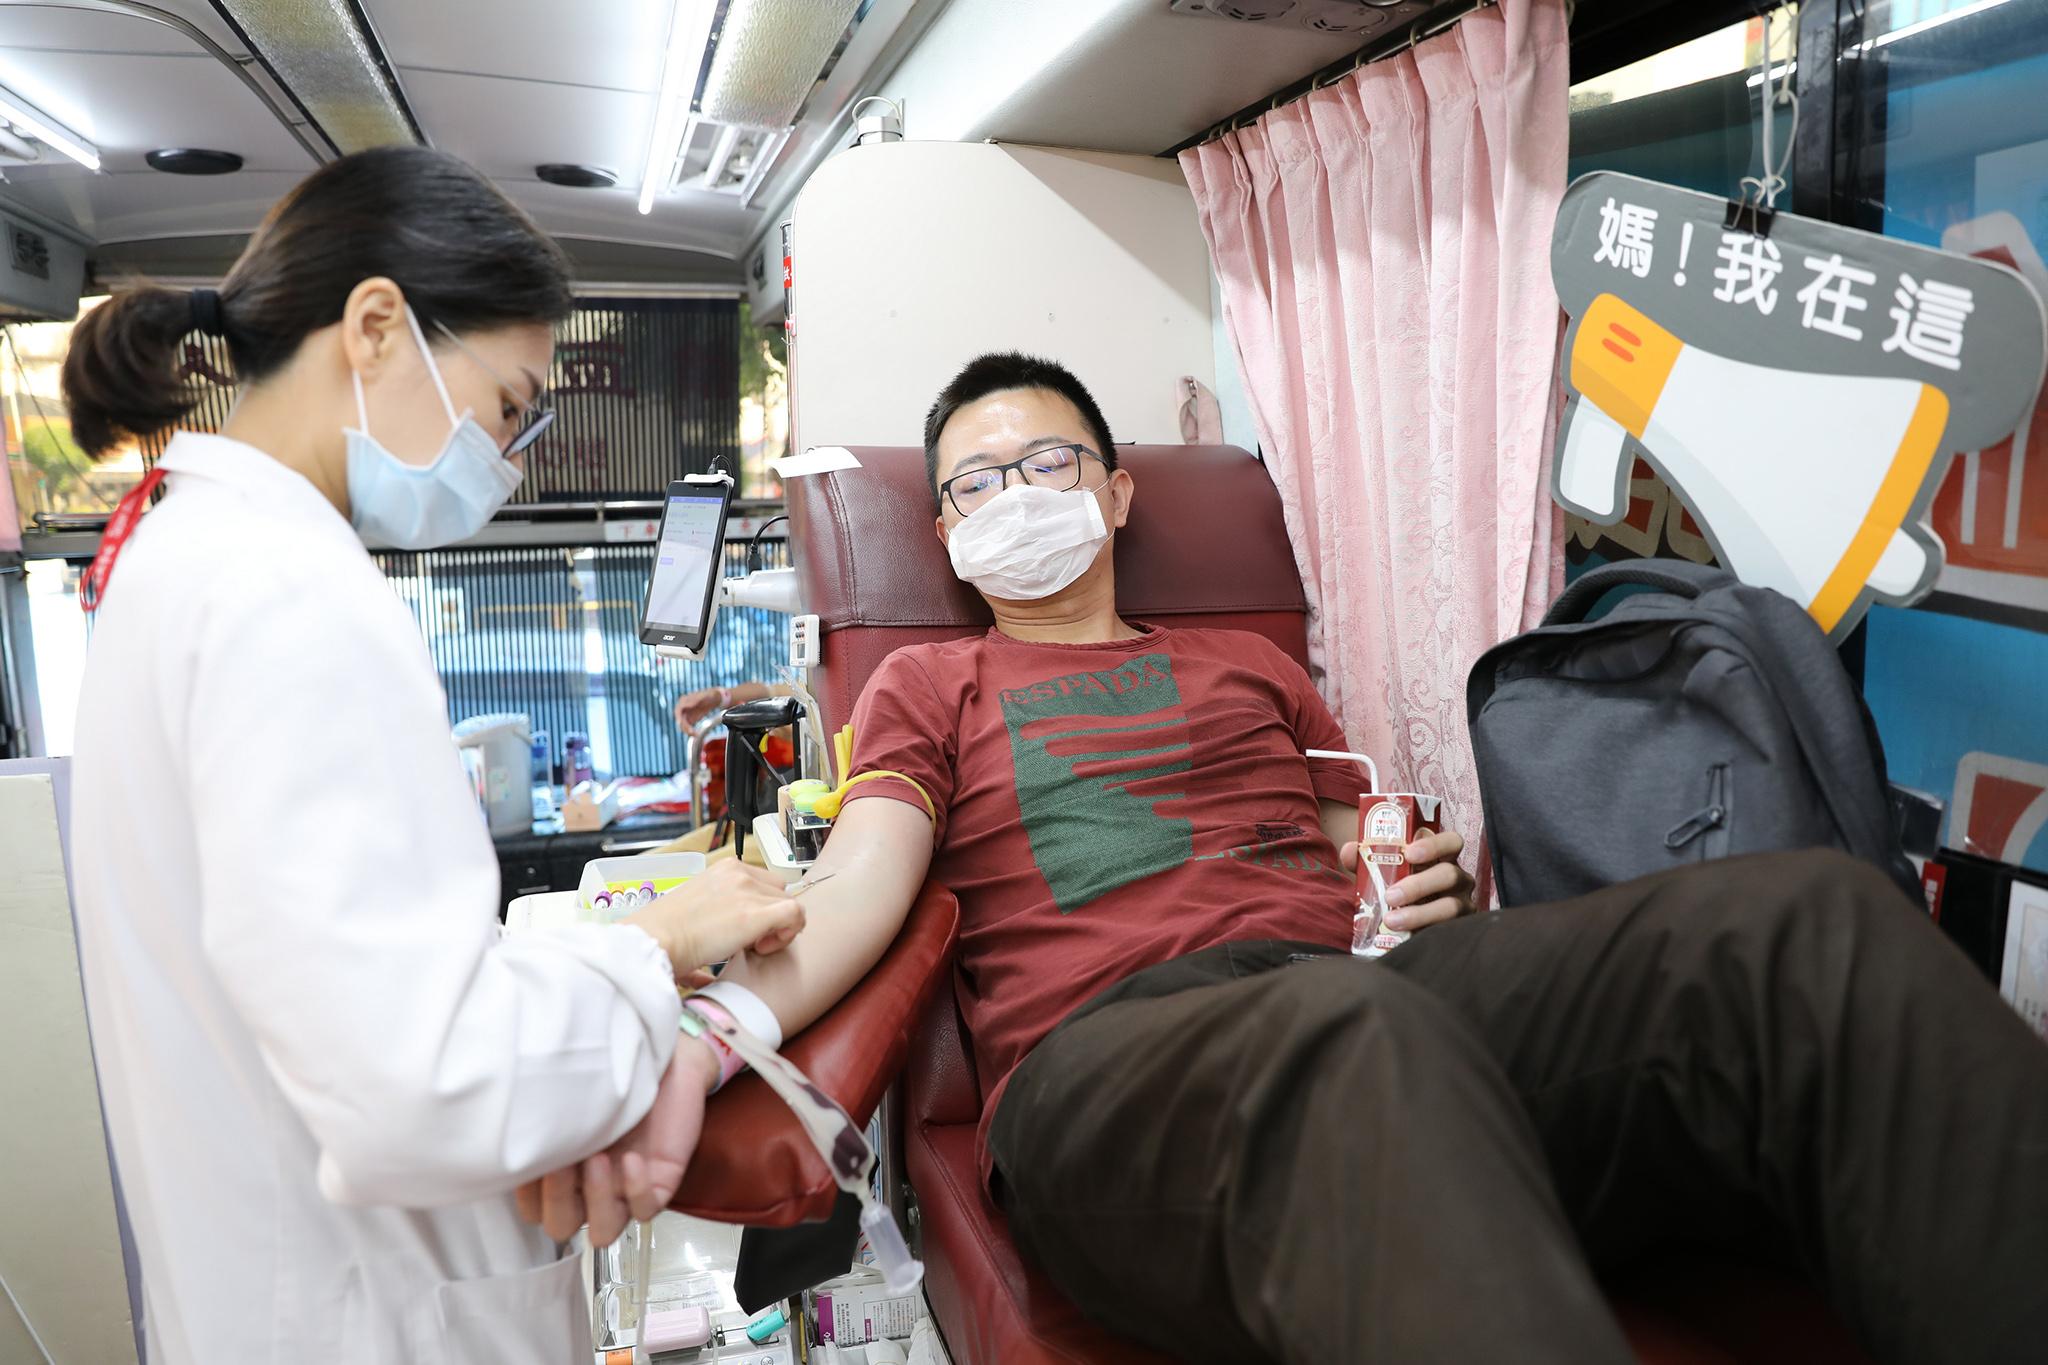 熱情民眾挽袖捐出熱血。